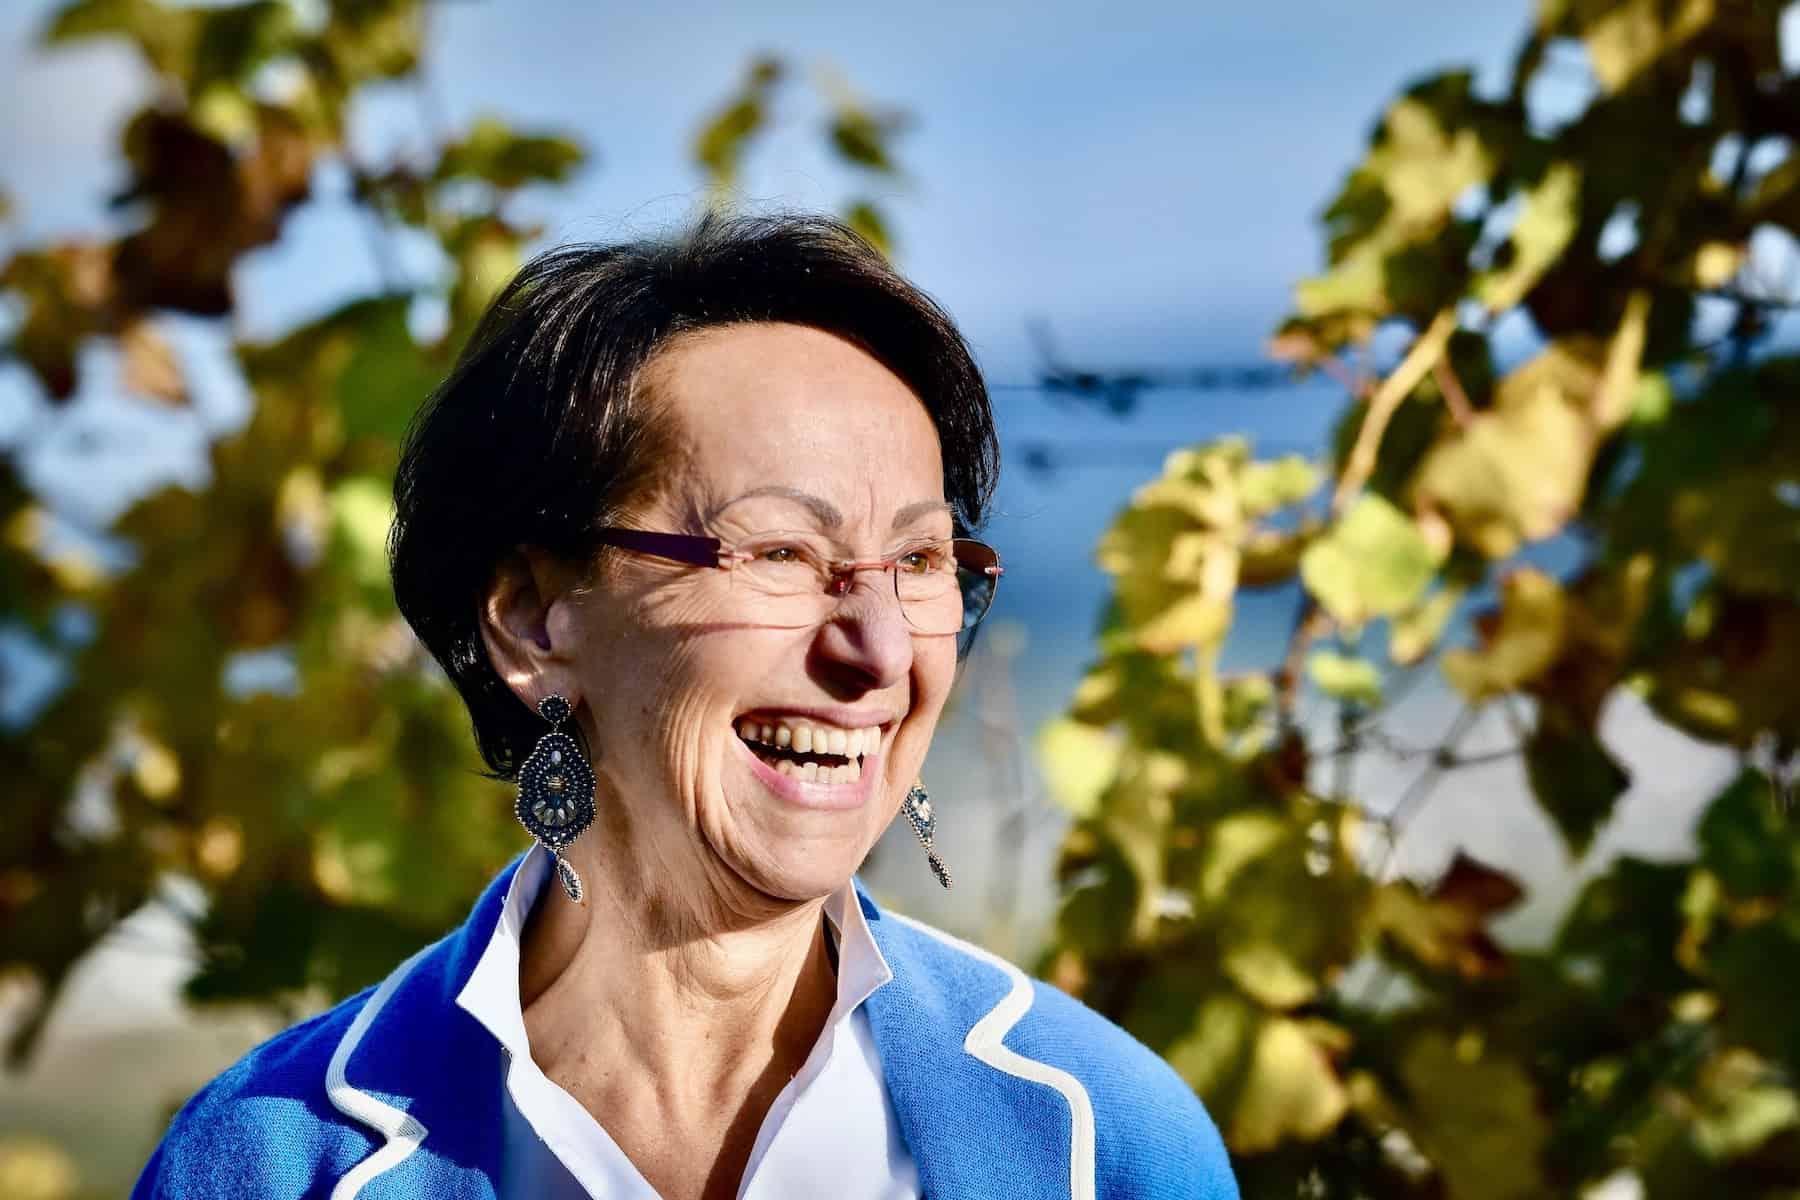 Christine Saahs zum Thema Pigmentflecken